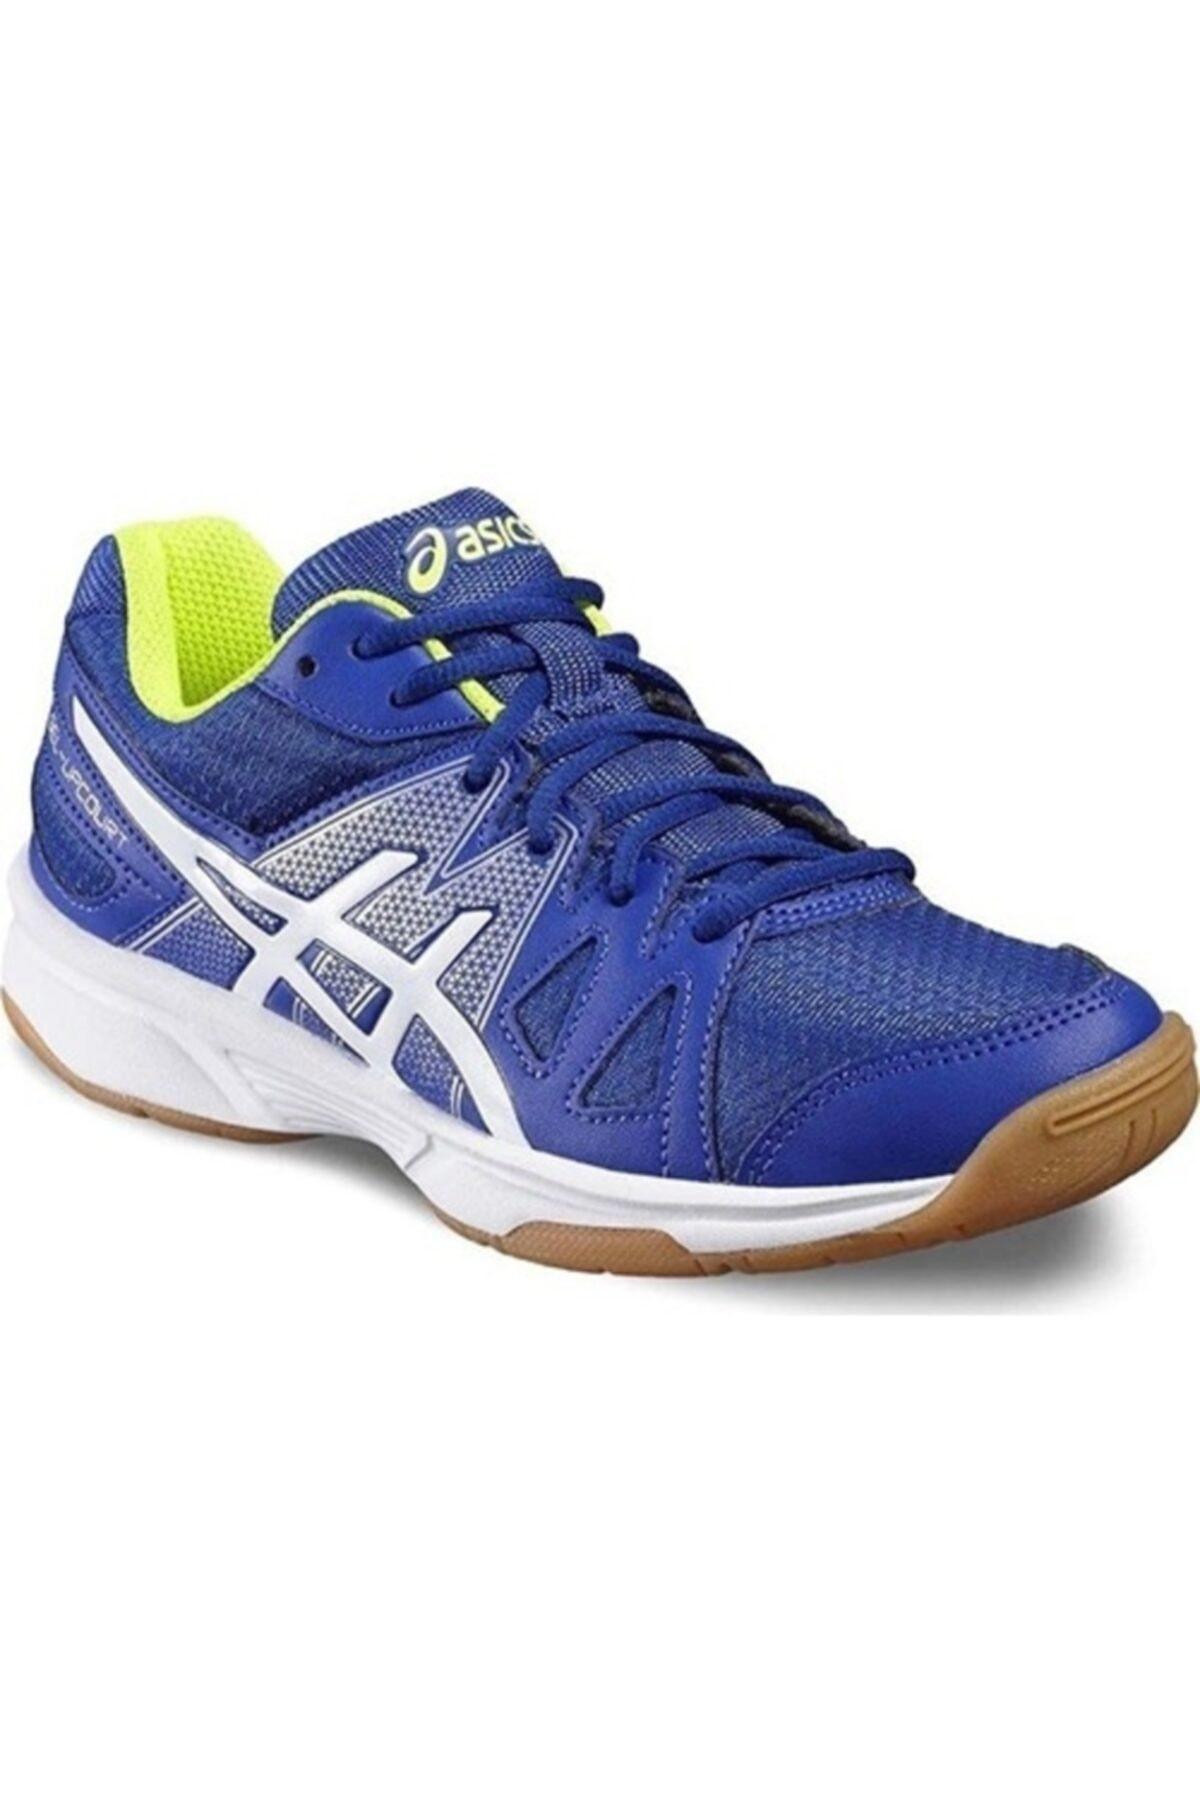 Mavi Salon Ayakkabısı